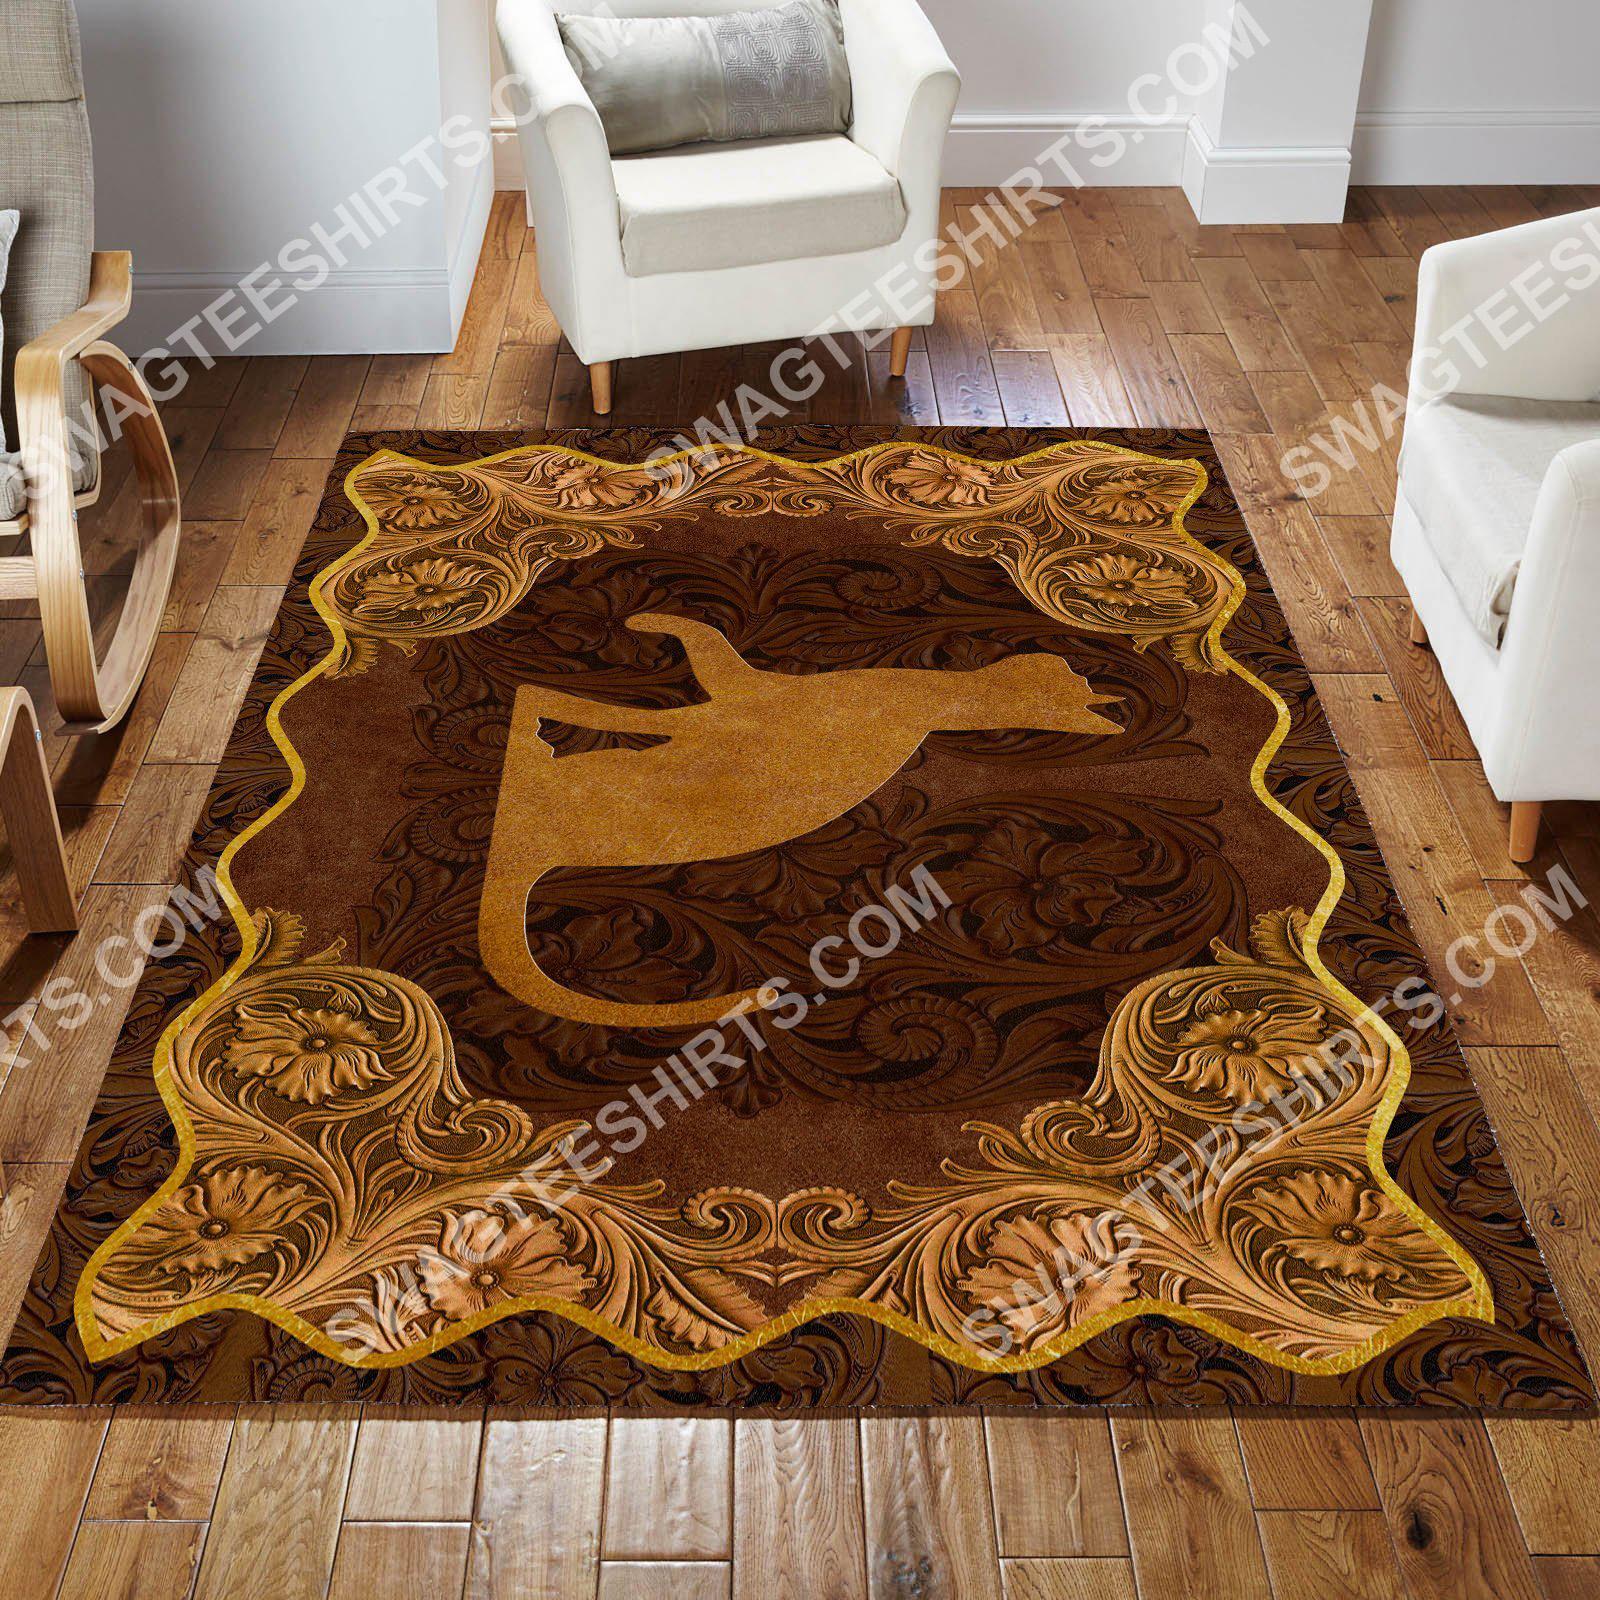 vintage cat antique golden all over printed rug 4(1) - Copy